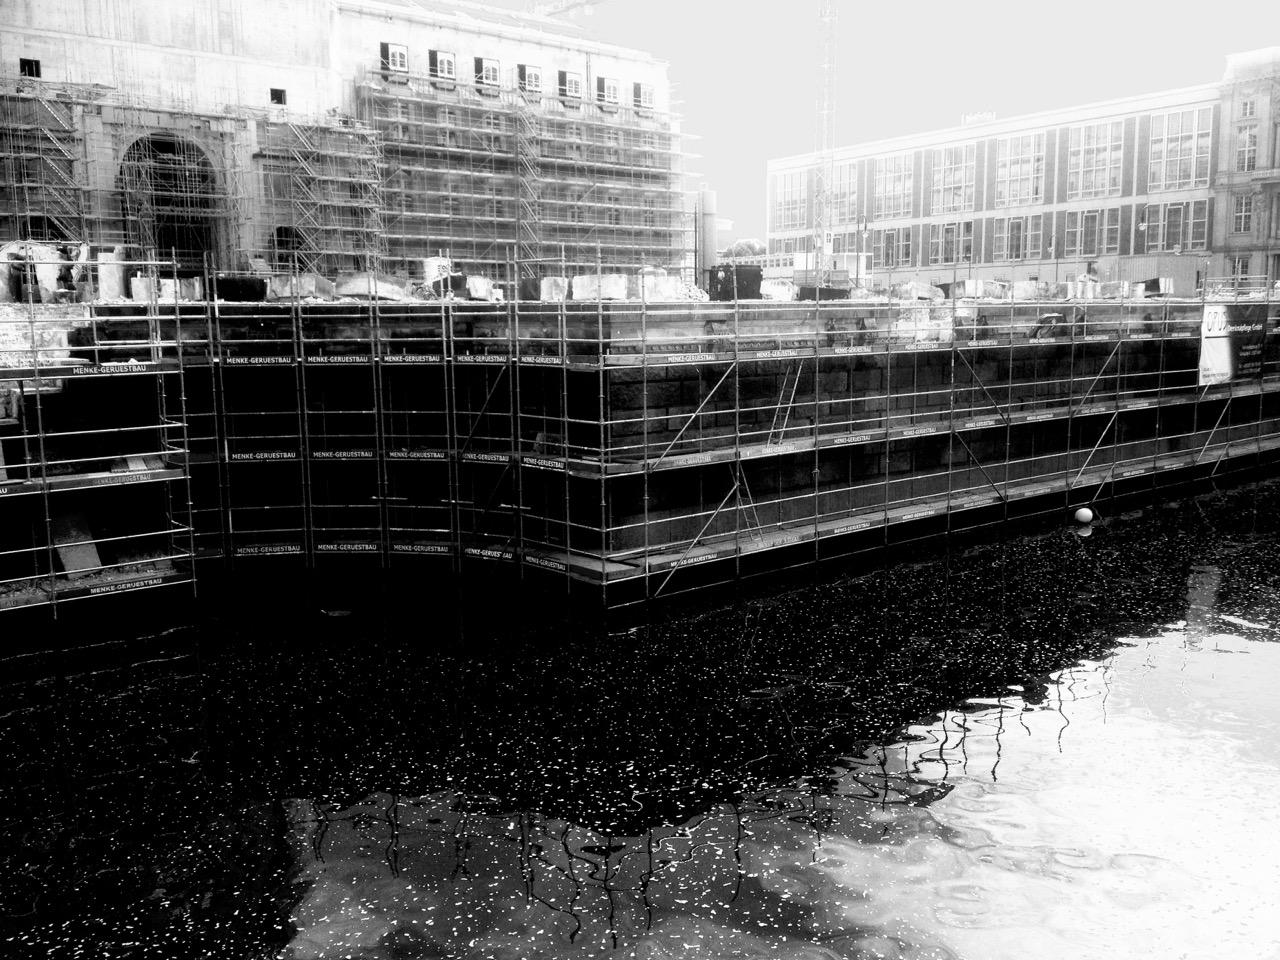 """Die """"Schlossfreiheit"""" vor dem neuen Schloss bleibt frei, ohne das Freiheits- und Einheitsdenkmal, das auch als """"Wippe"""" die Runde machte (Foto: André Franke)"""